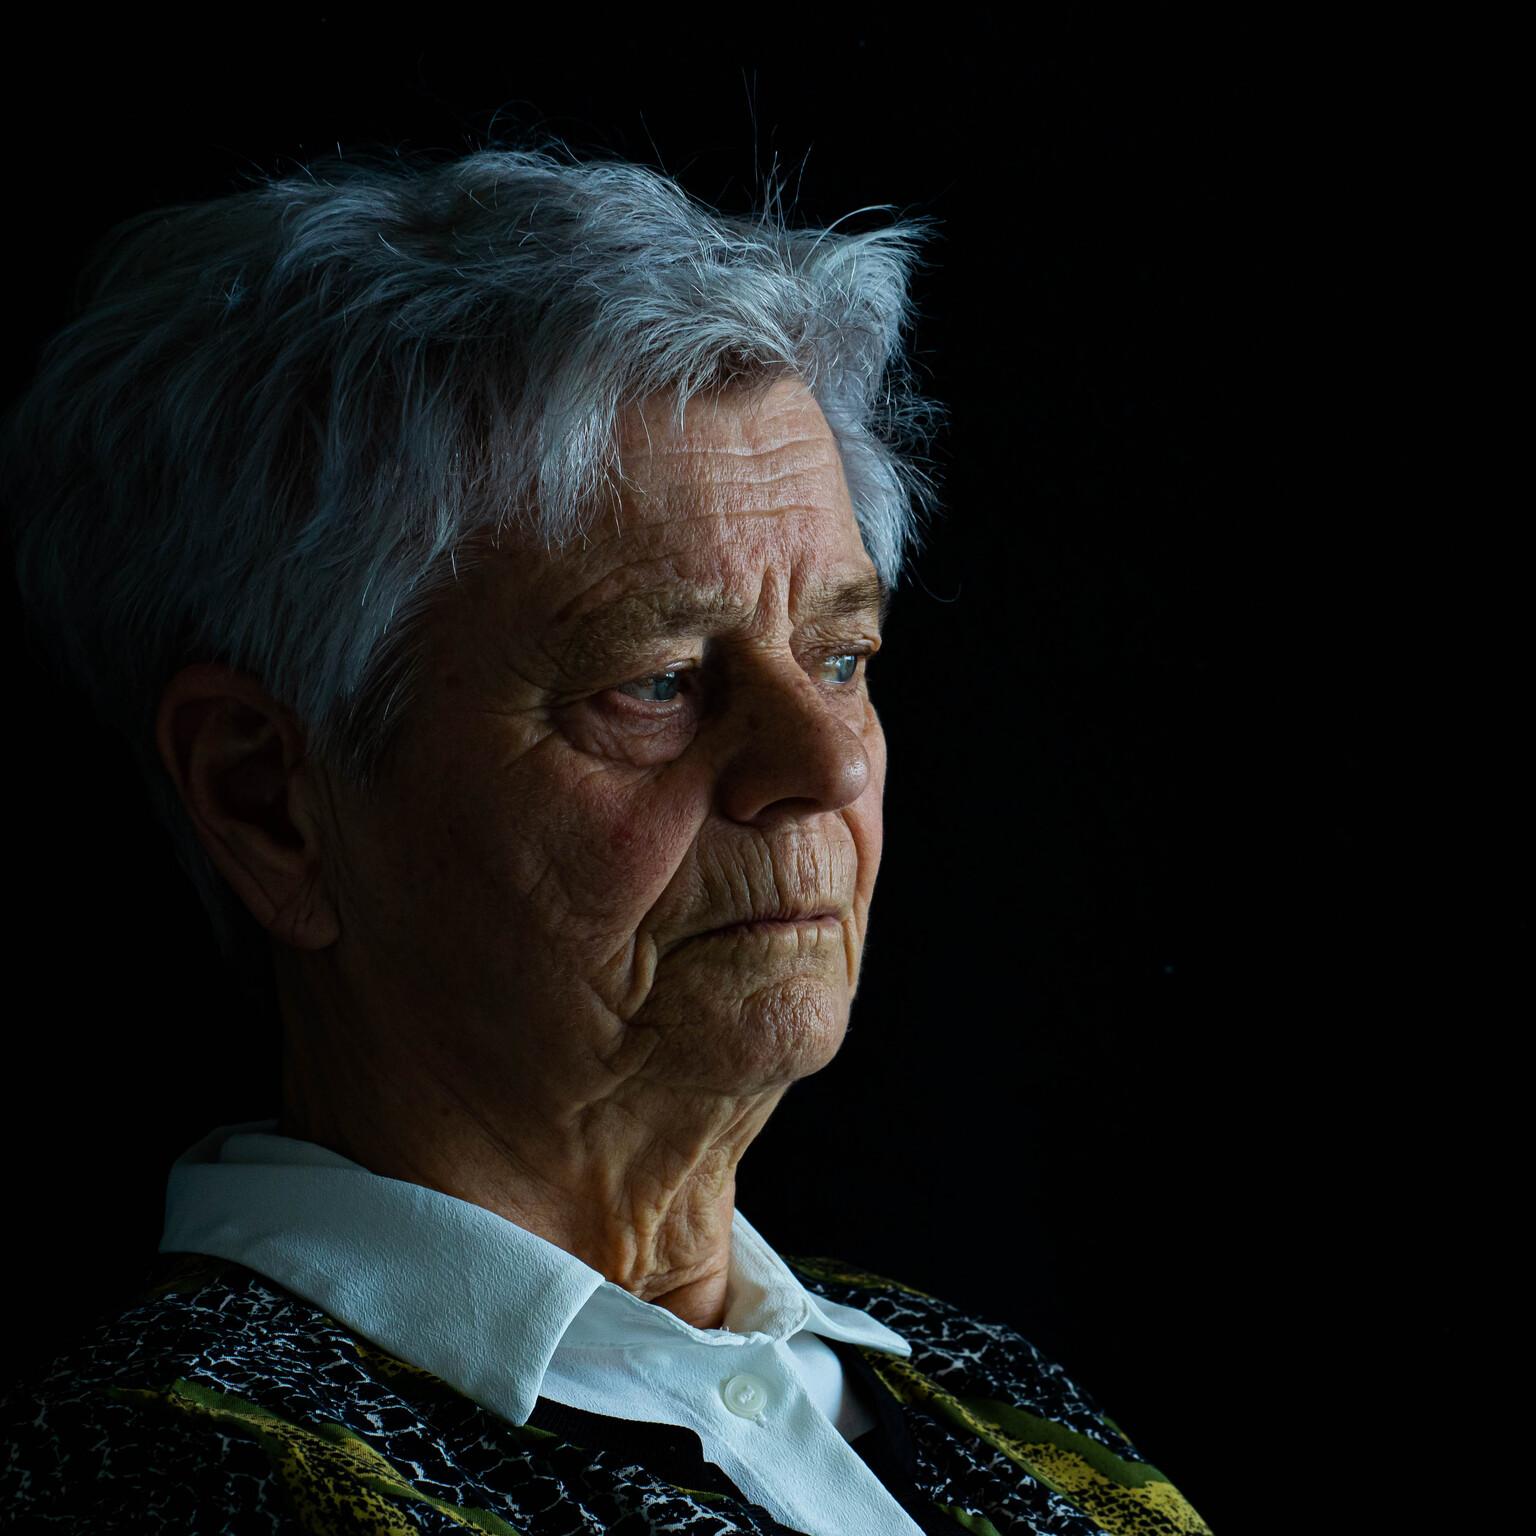 Vergankelijkheid  - Portret foto voor cursus  - foto door Tamara-88 op 14-04-2021 - deze foto bevat: neus, oor, rimpel, mouw, gelukkig, halsband, evenement, ouderling, portret fotografie, portret